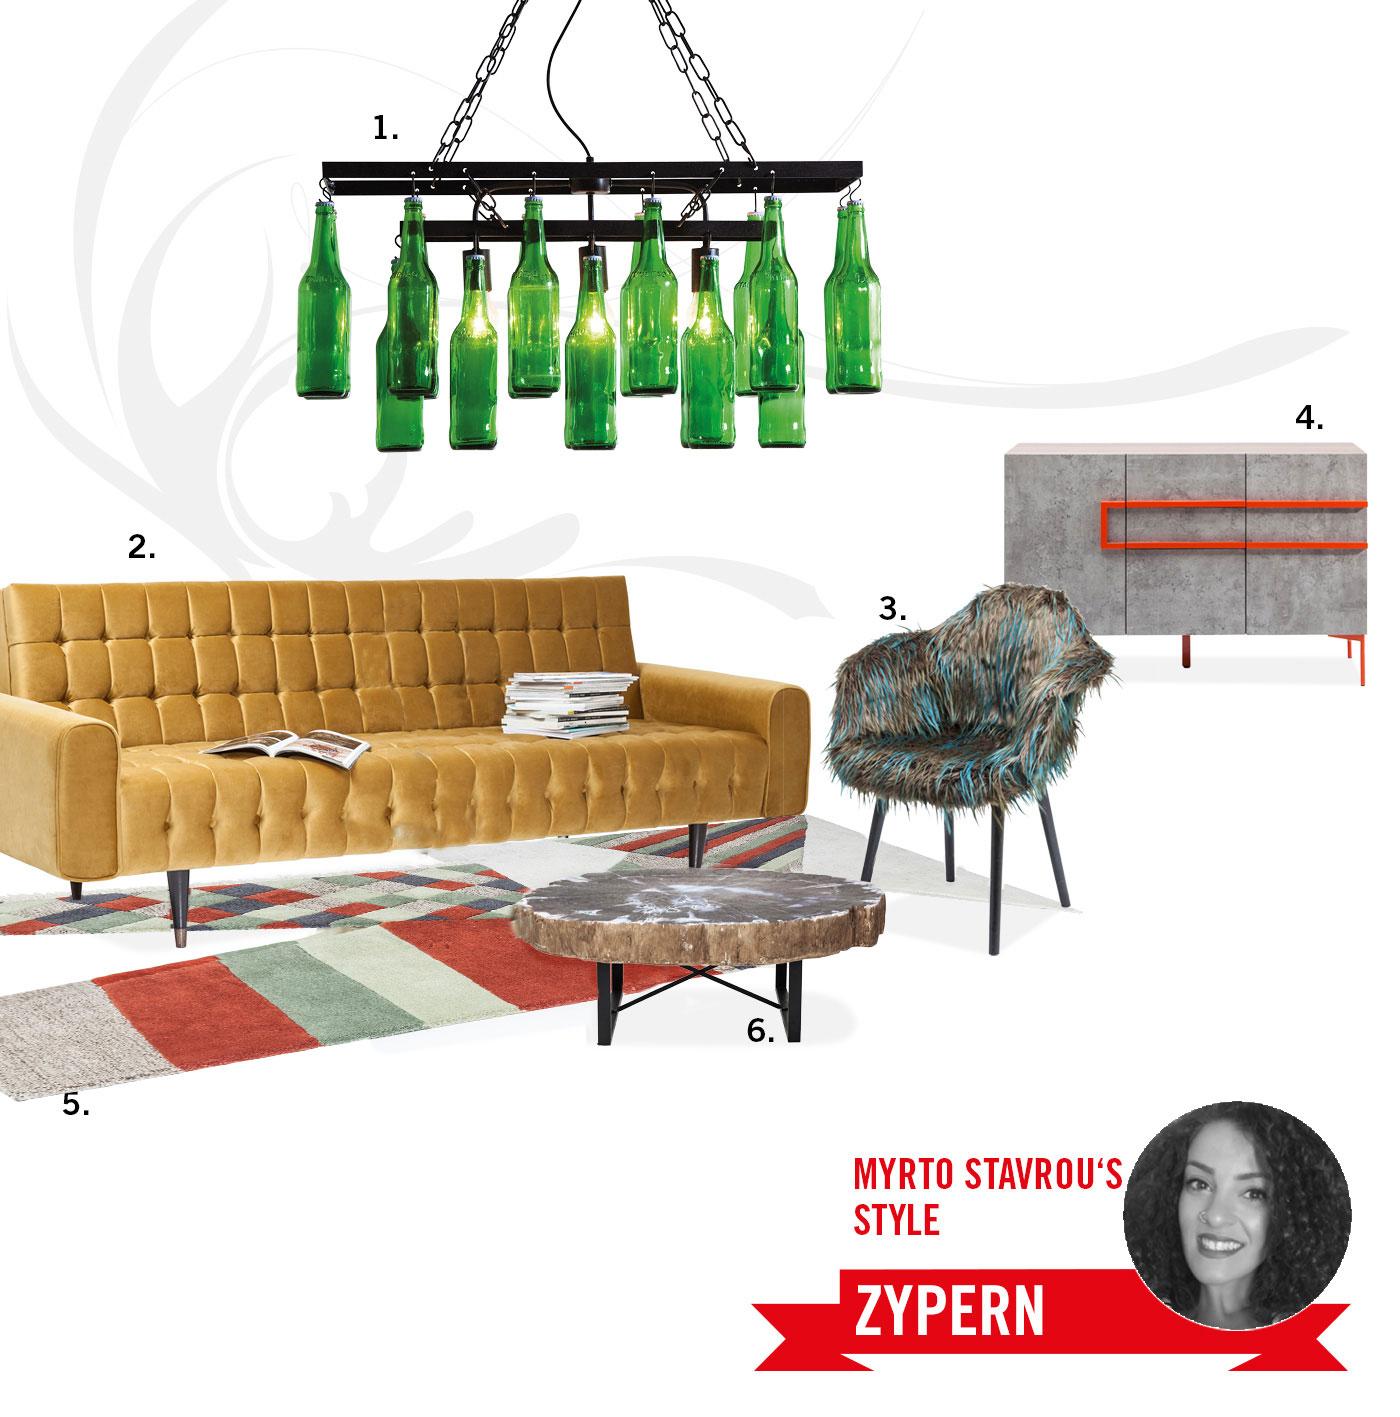 kare-100shops-lieblingsprodukte-zypern-collage